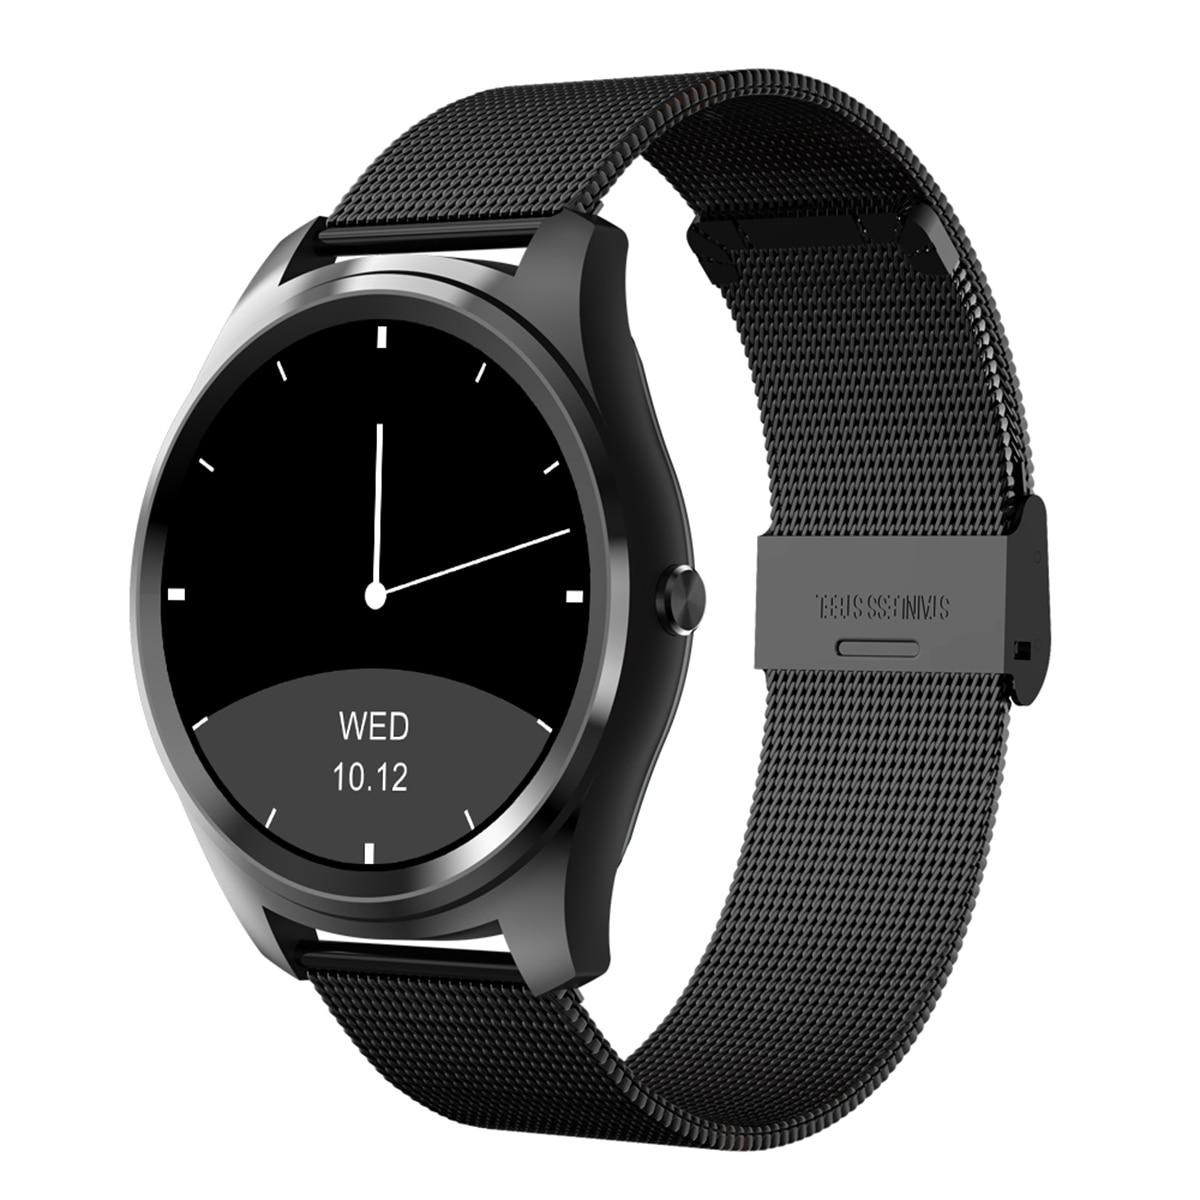 Diggro DI03 Смарт-часы MTK2502C монитор сердечного ритма шагомер сидячий напомнить трекер сна уведомления толкая